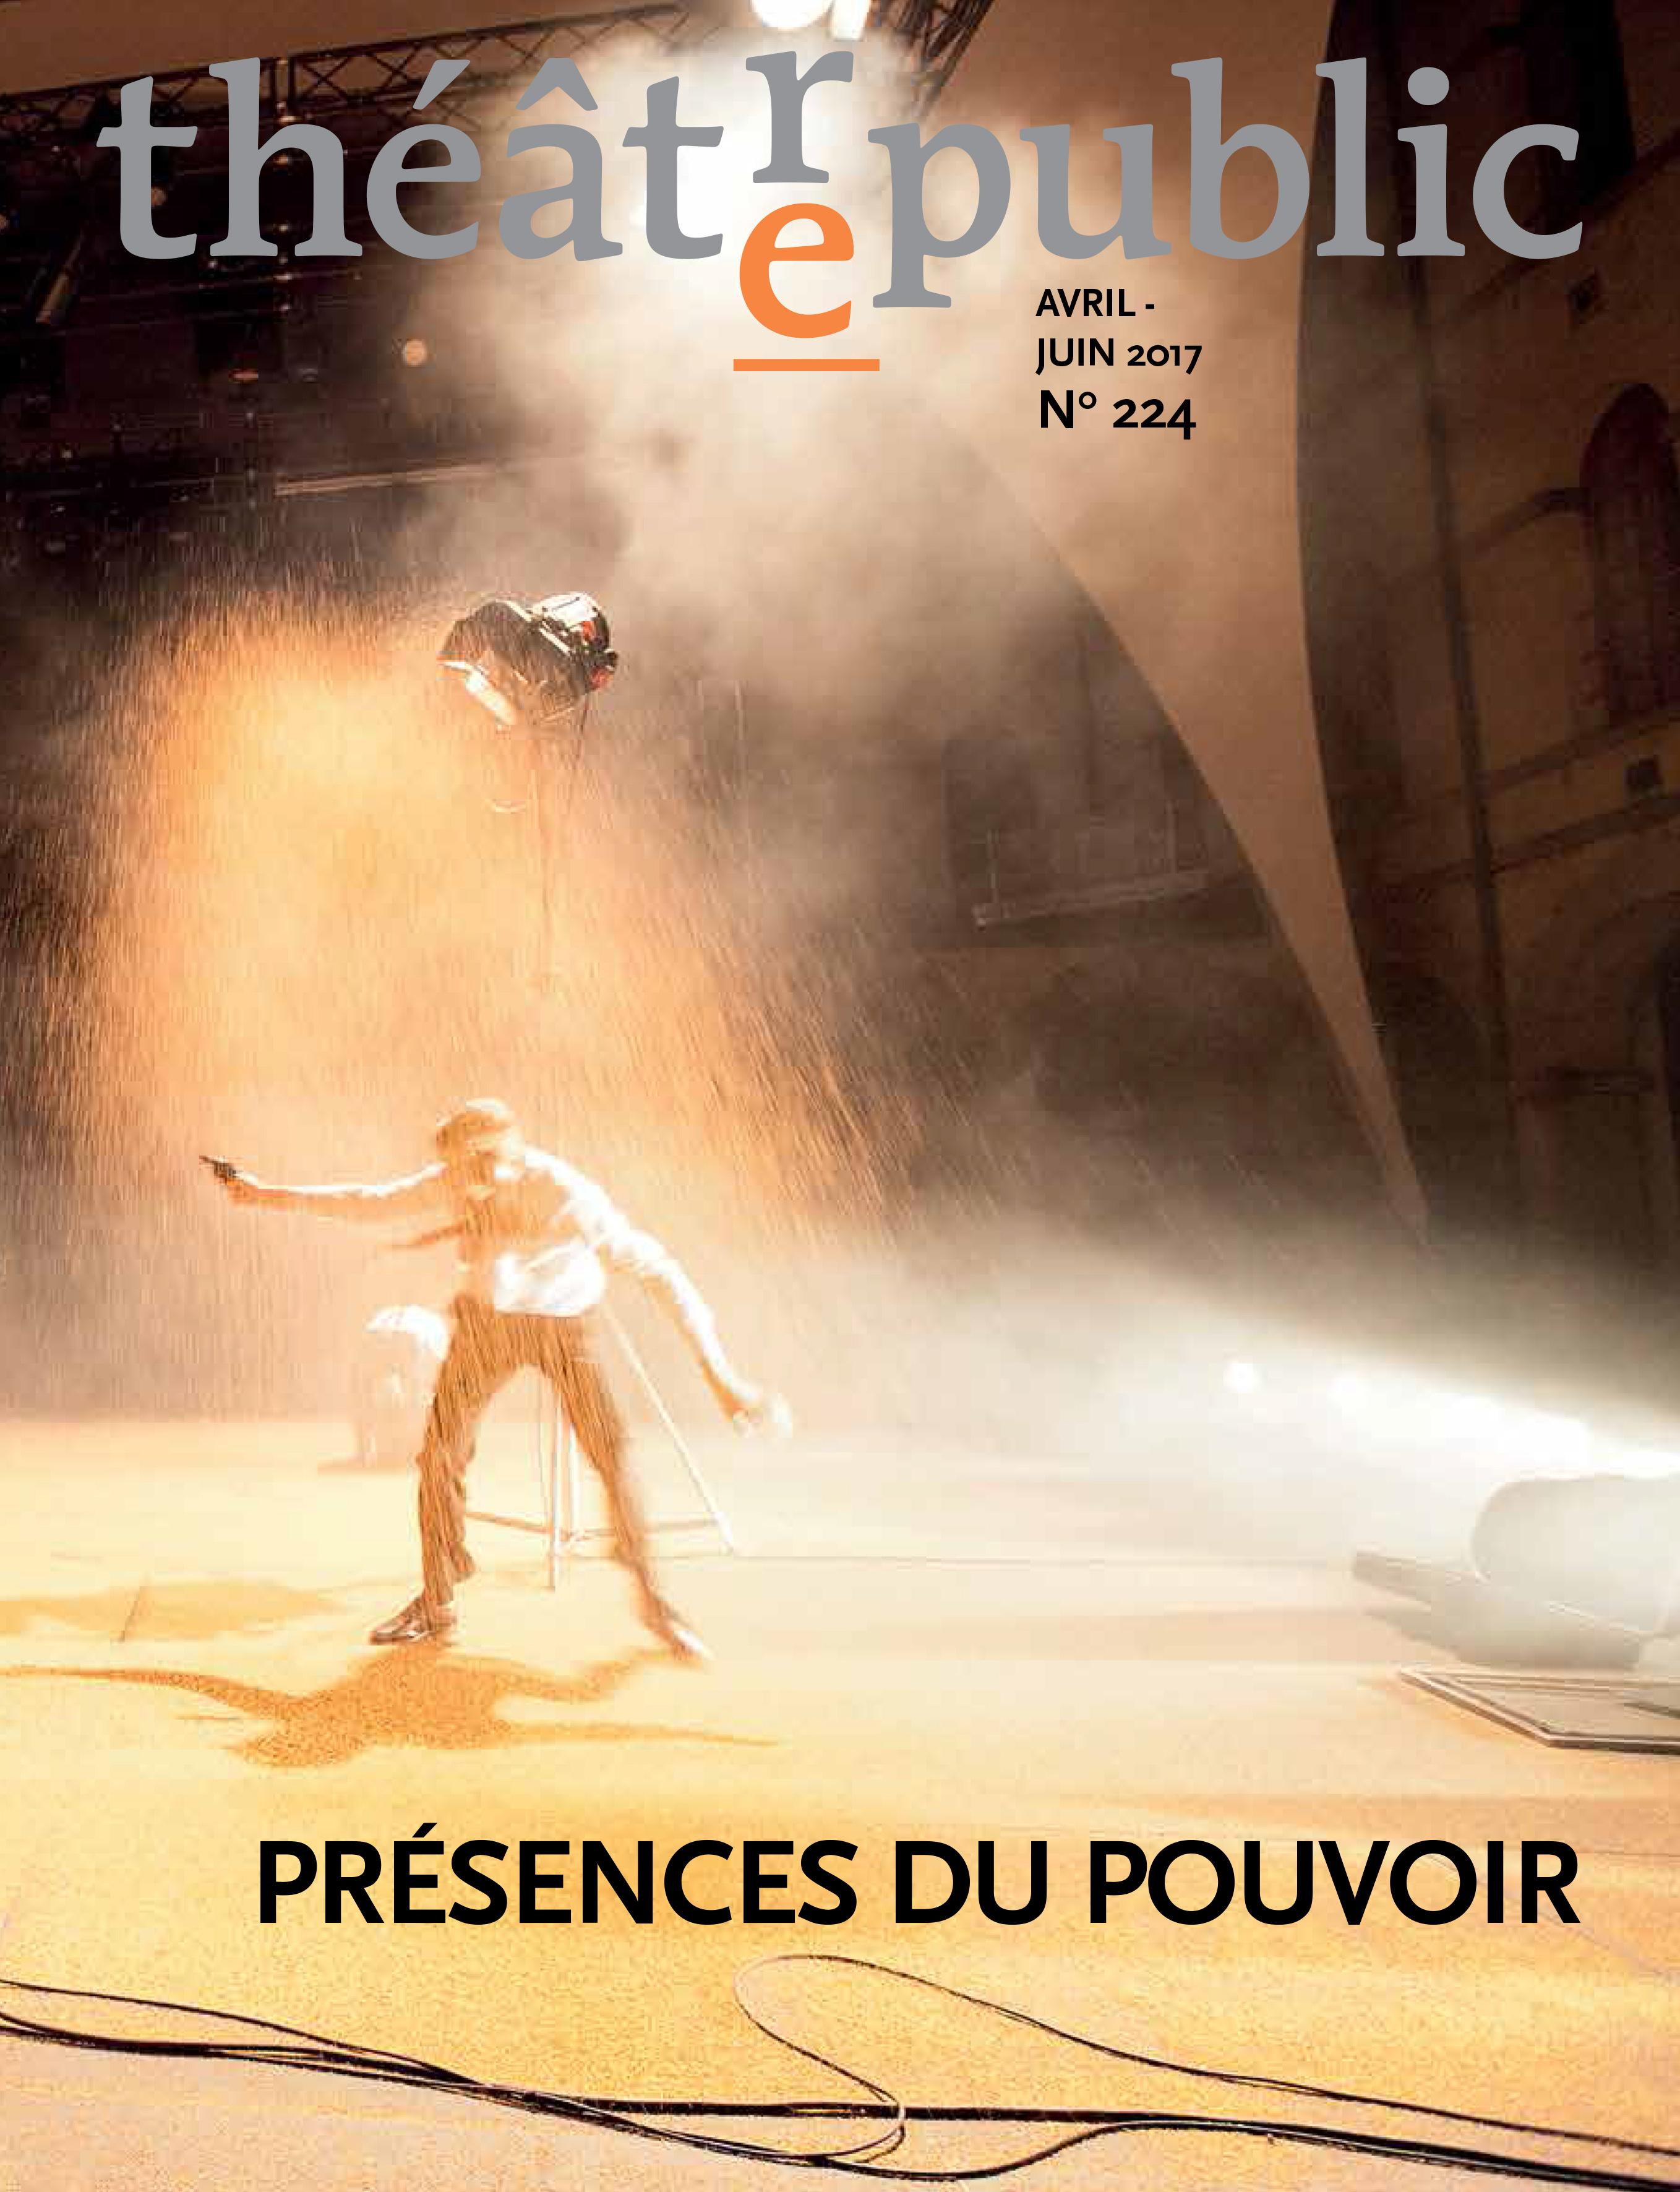 Théâtre/Public, n° 224, «Présences du pouvoir»